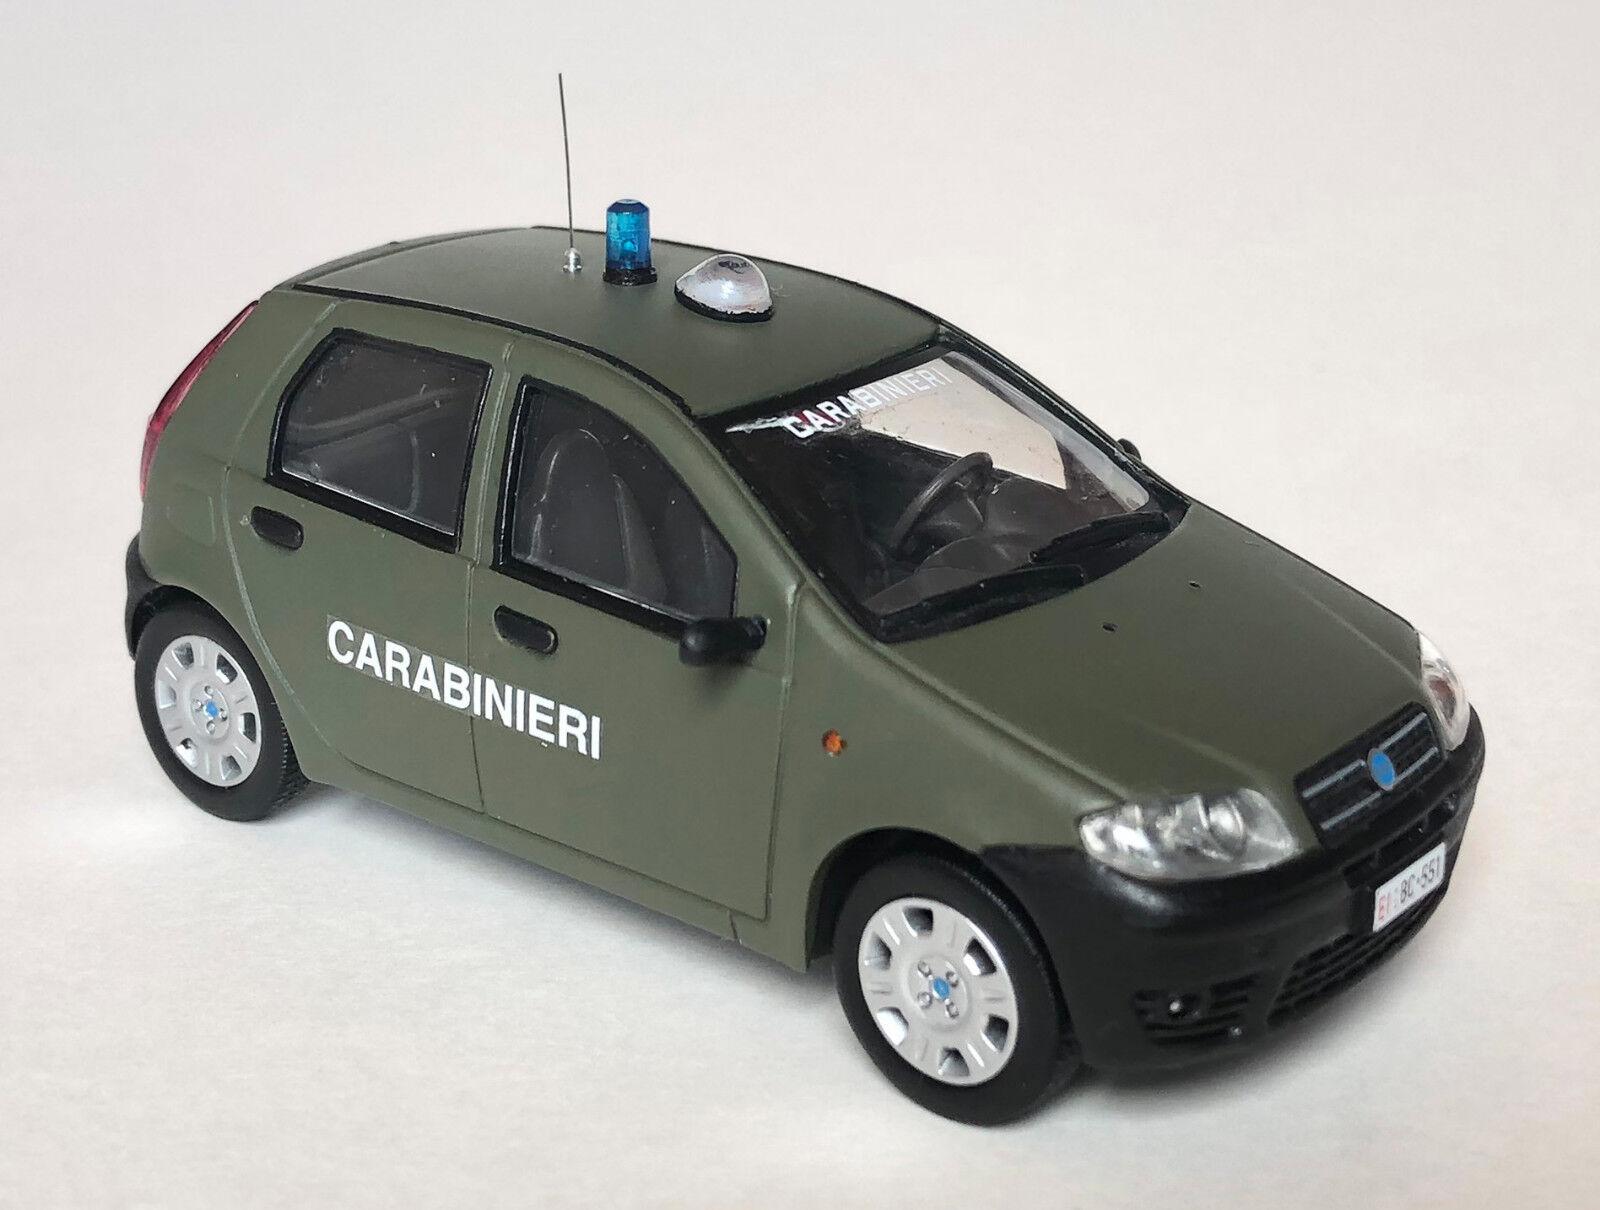 Fiat O 2003 Punto Carabinieri Esercito Italiano 43 Nvafws8411 C 1 gbf6Y7y